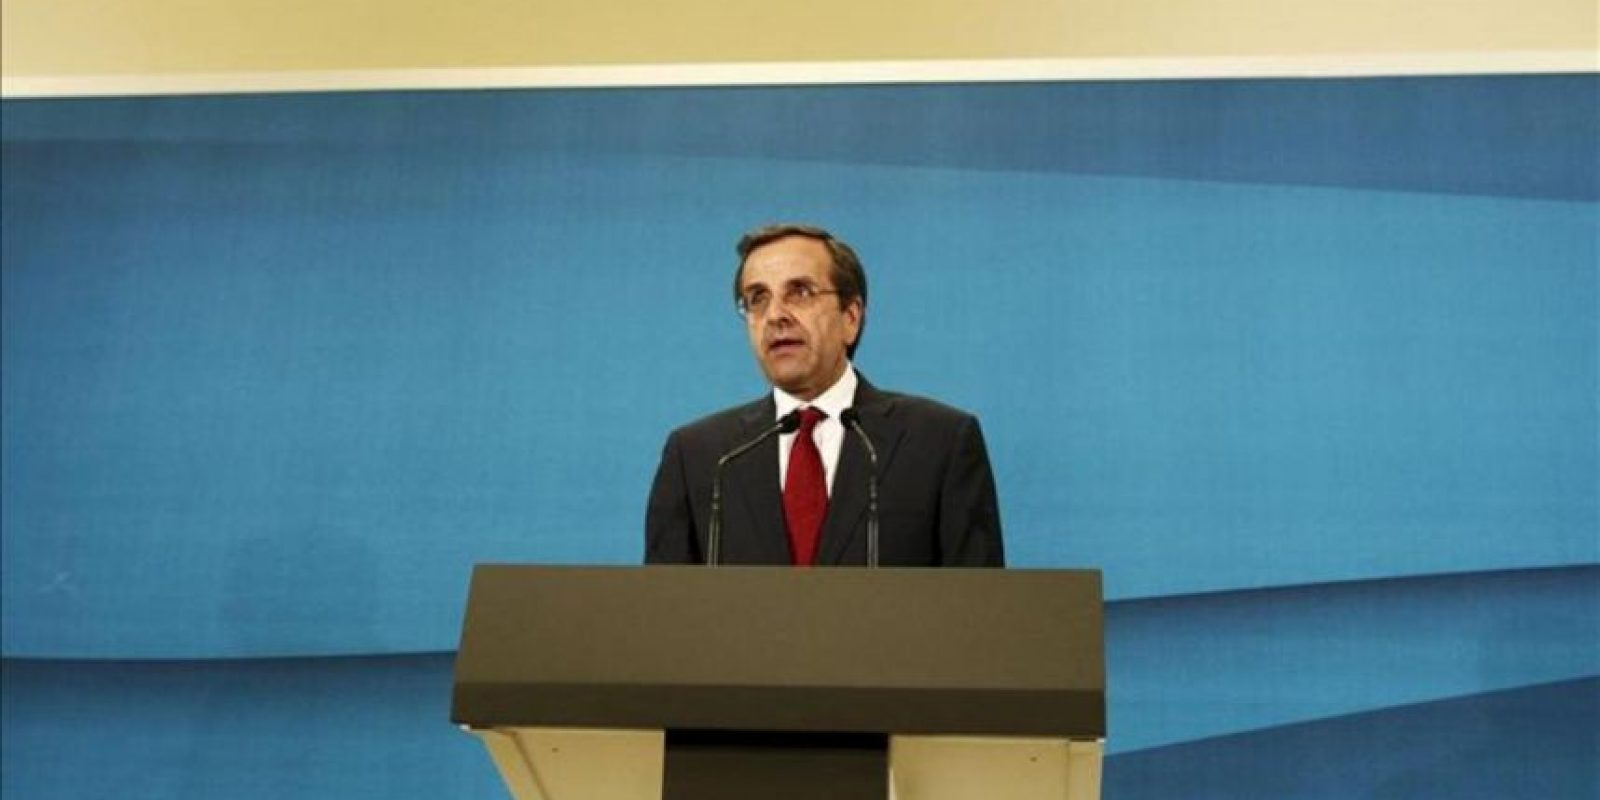 El dirigente conservador Andonis Samarás habla este lunes tras su reunión con el líder del partido Izquierda Democrática (Dimar, centroizquierda), Fotis Kuvelis, en el Parlamento griego, en Atenas. EFE